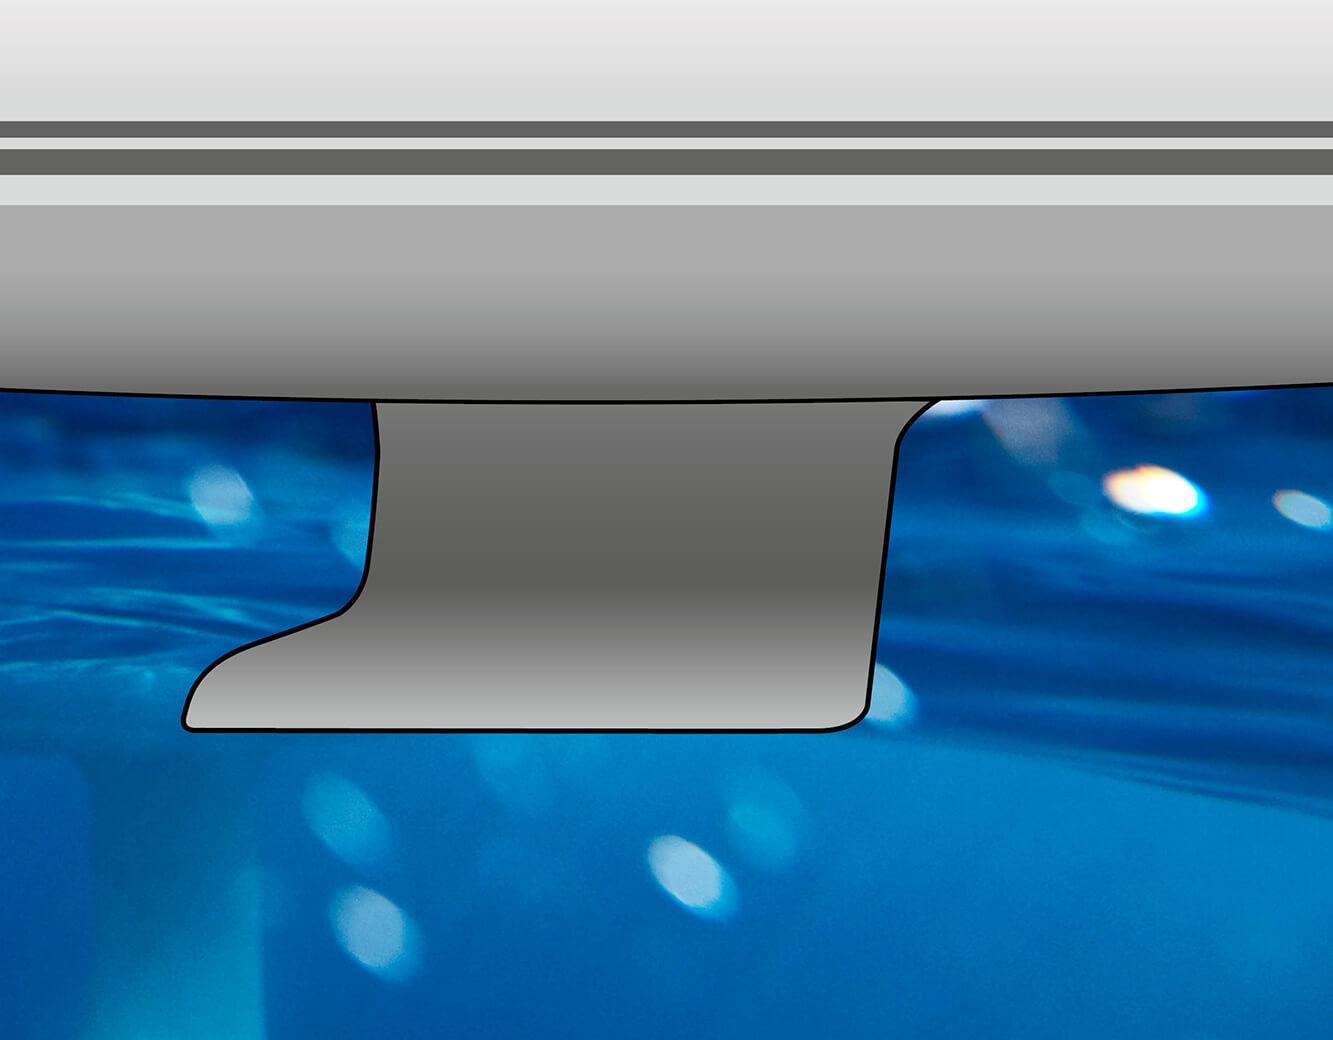 L-keel, cast iron, draft: 1.98 m